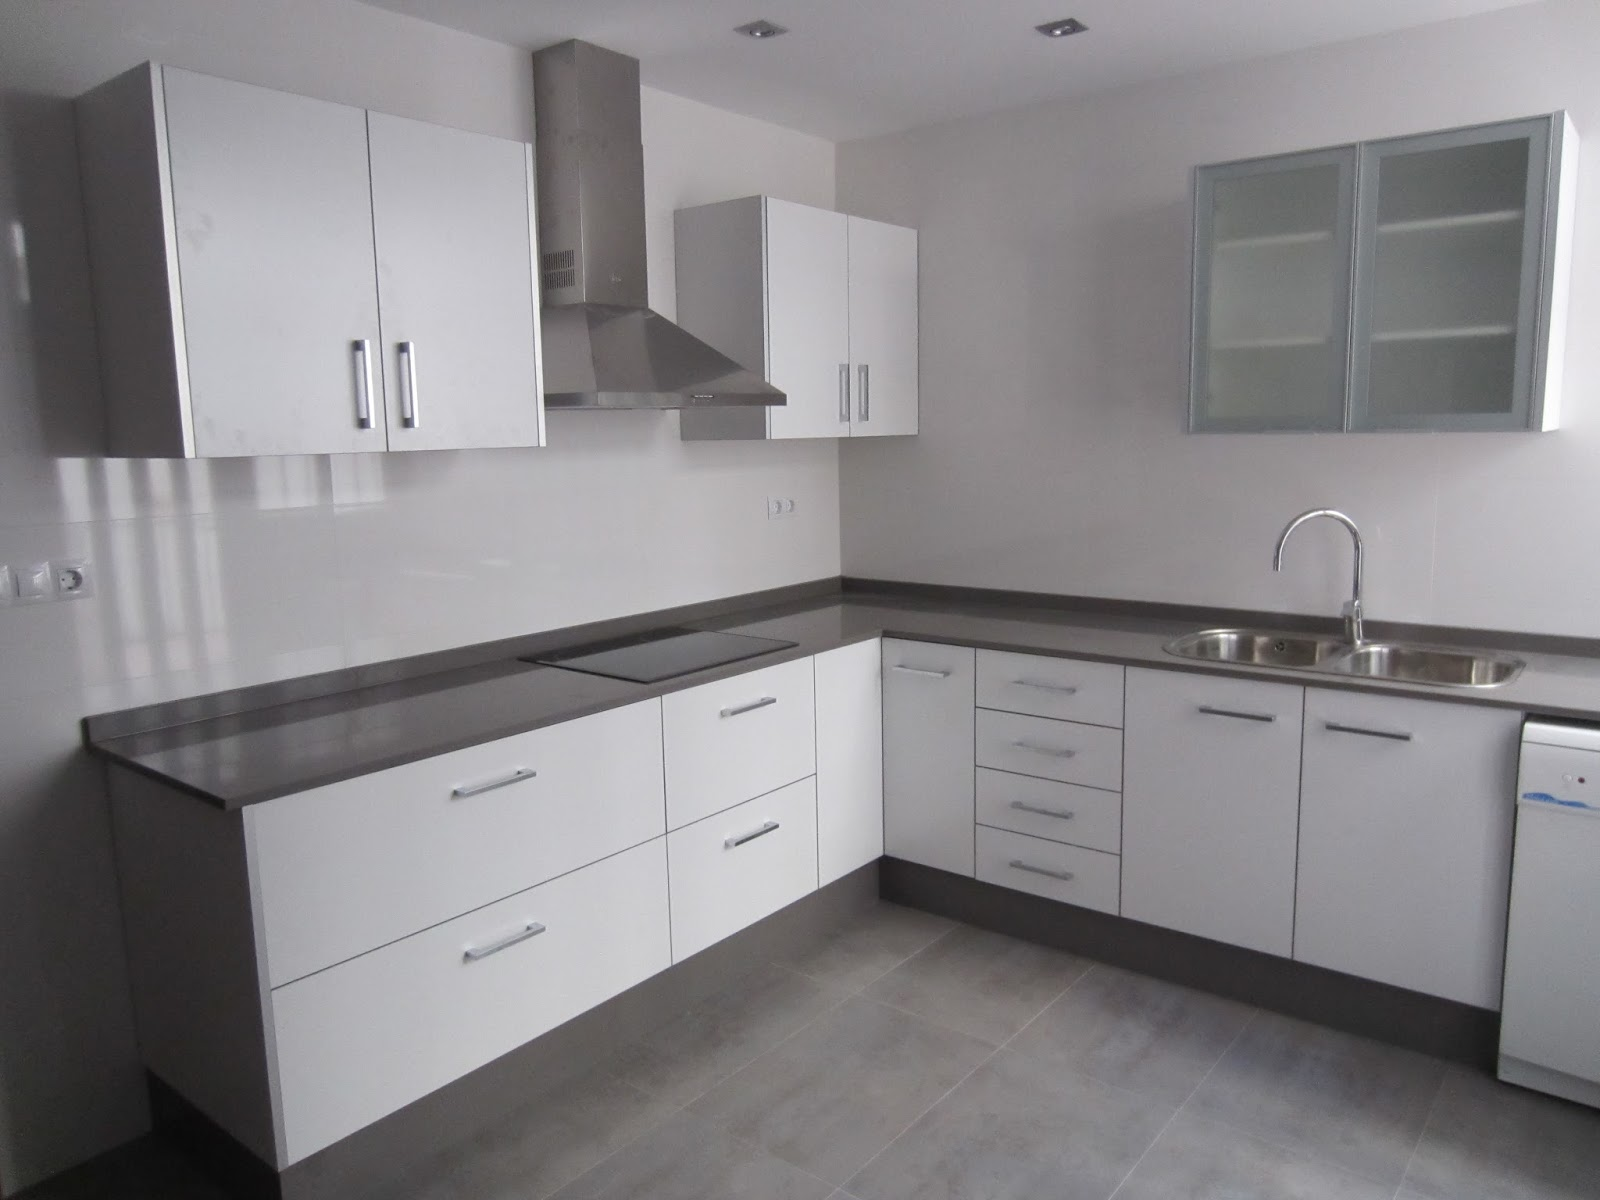 Mueble cocina blanco brillo jpg 1600 1200 kitchens - Muebles cocina blanco ...